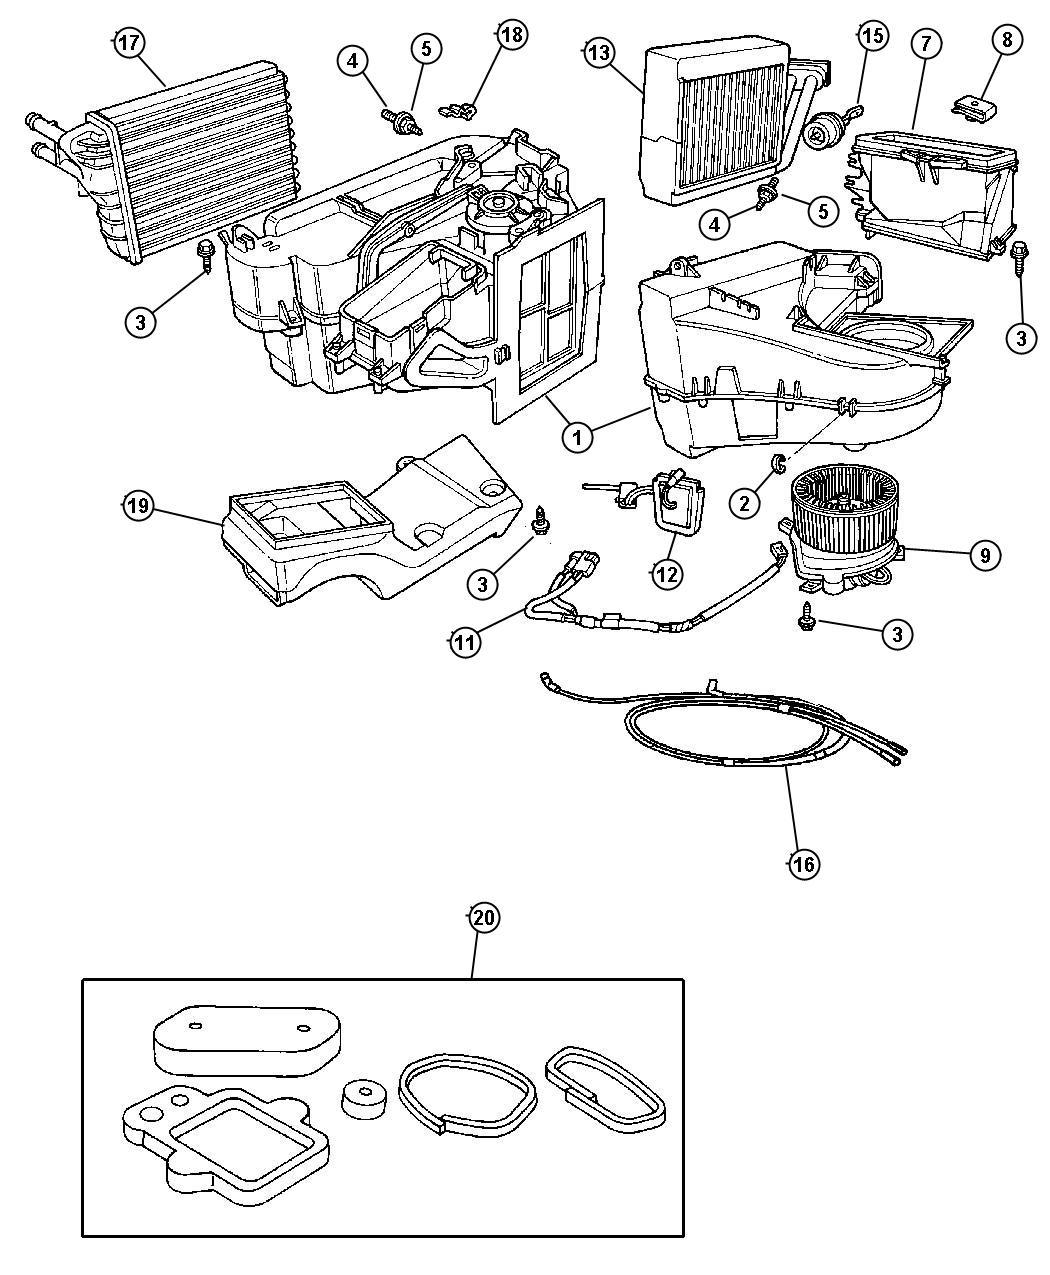 Chrysler Pt Cruiser Evaporator Air Conditioning Liners Grommet Tube